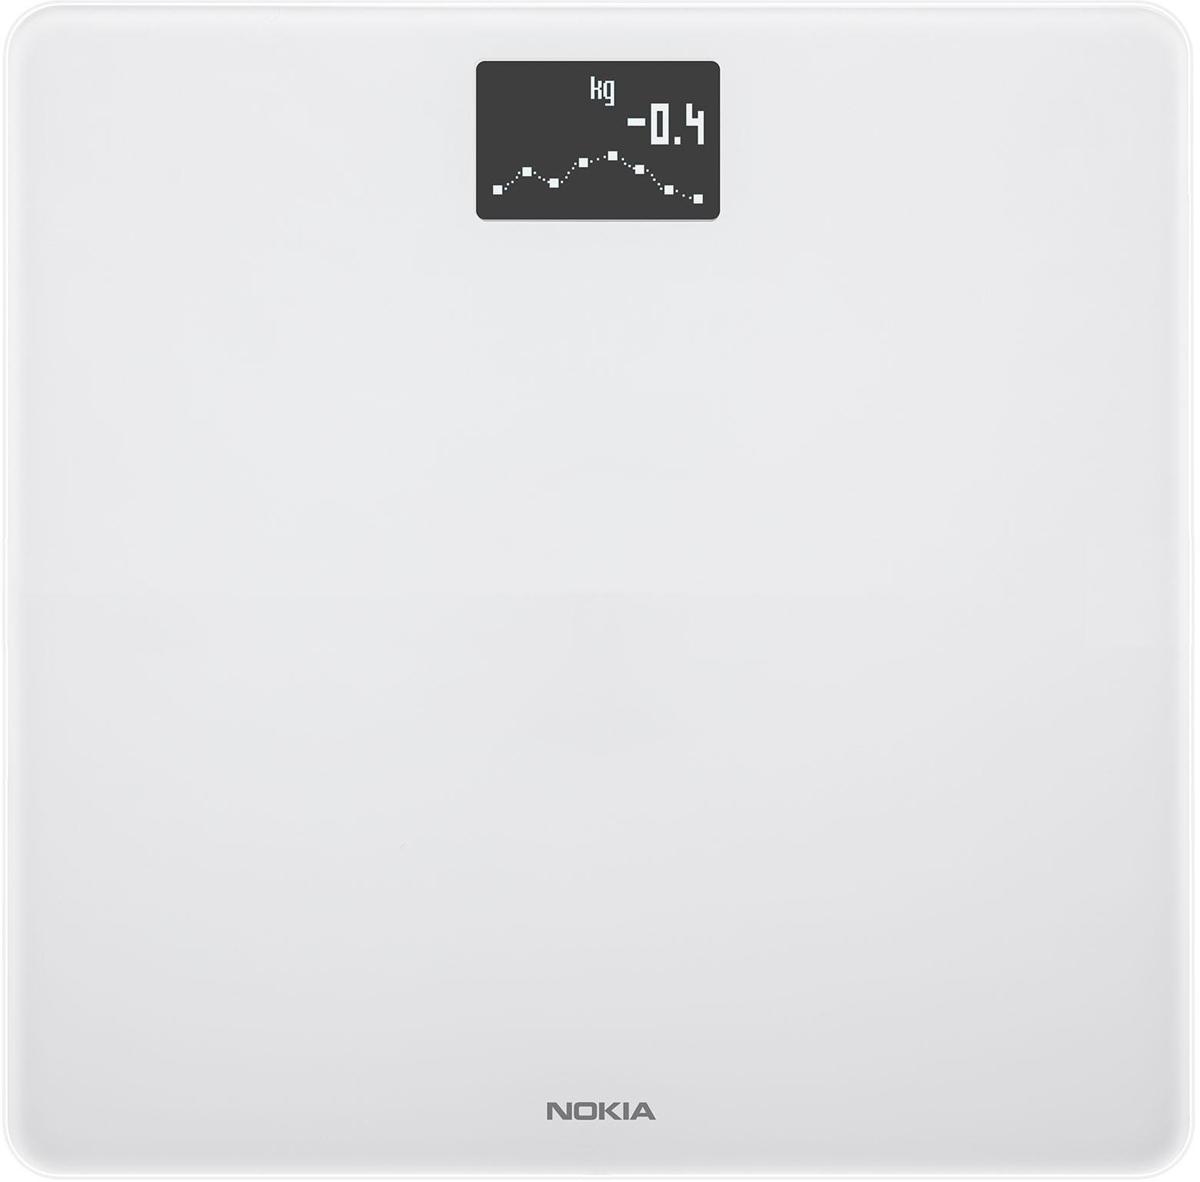 Nokia Body, White весы напольные70252503Беспроводные весы Nokia Body - идеальный помощник для похудения. С помощью таких инструментов, как трендовые индикаторы и отслеживание питания, вы сможете ставить цели и добиваться их.Отслеживайте рост вашего ребенка. Следить за весом вашего ребенка просто - встаньте на весы, удерживая его на рукахКаждое взвешивание отображается в приложении Health Mate автоматически через Wi-Fi или Bluetooth. С вашей историей, доступной 24/7, вы можете видеть какие методики работают, продолжать движение в позитивном направлении и сосредоточиться на ваших целях.Отслеживание веса и ИМТУстановка целей, управление ежедневным бюджетом калорий с интегрированным отслеживанием питанияЛучшая в своем классе точностьДля всей семьи - распознает и отслеживает до 8 пользователей, включая детейАвтоматическая синхронизация с вашим смартфоном через Wi-Fi или Bluetooth